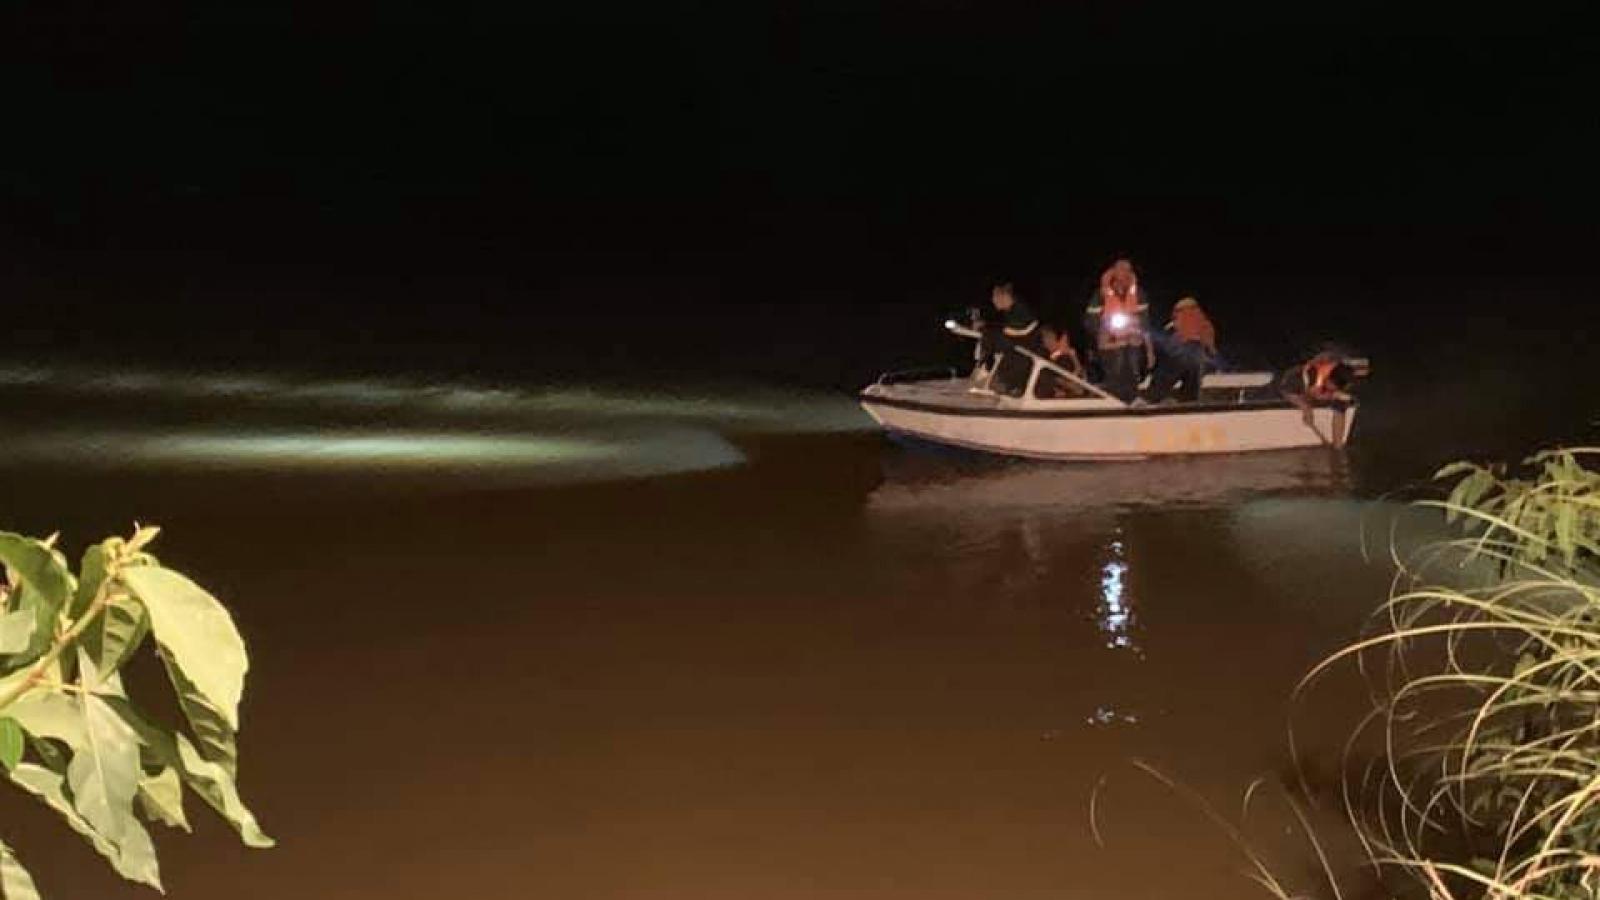 Trắng đêm tìm kiếm nữ sinh 17 tuổi gieo mình xuống sông Hiếu tự vẫn